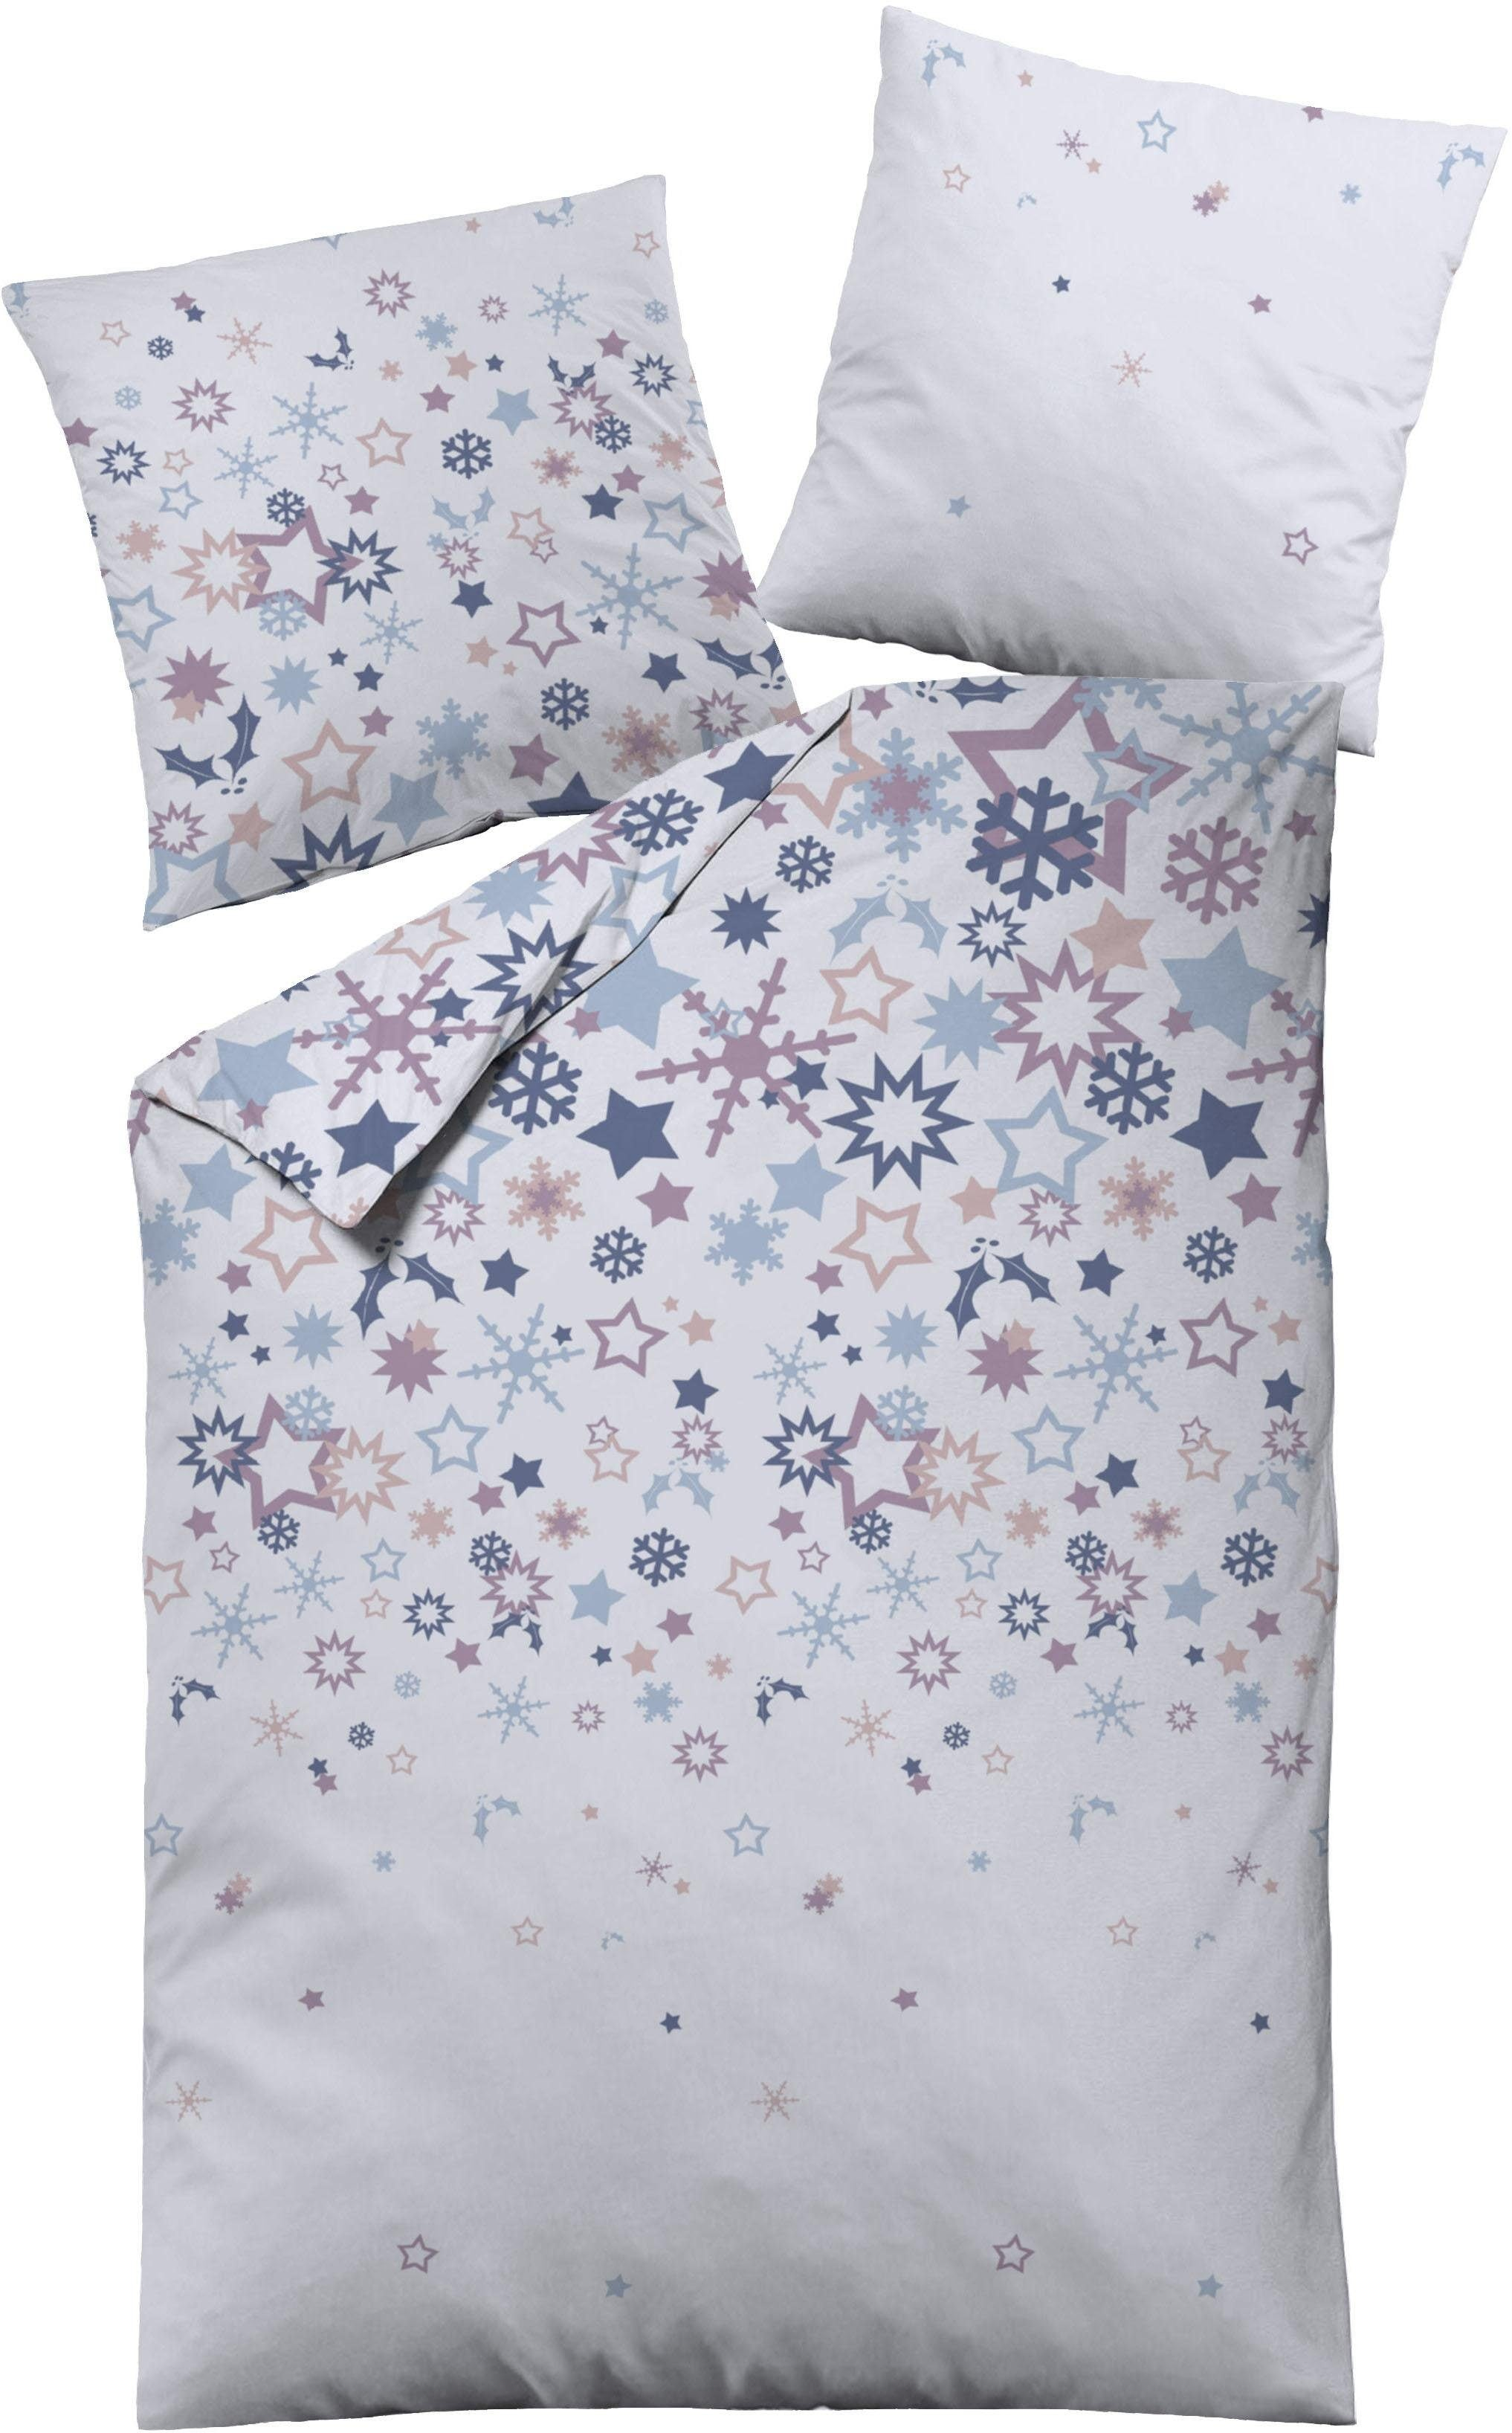 Bettwäsche Sterne Dormisette